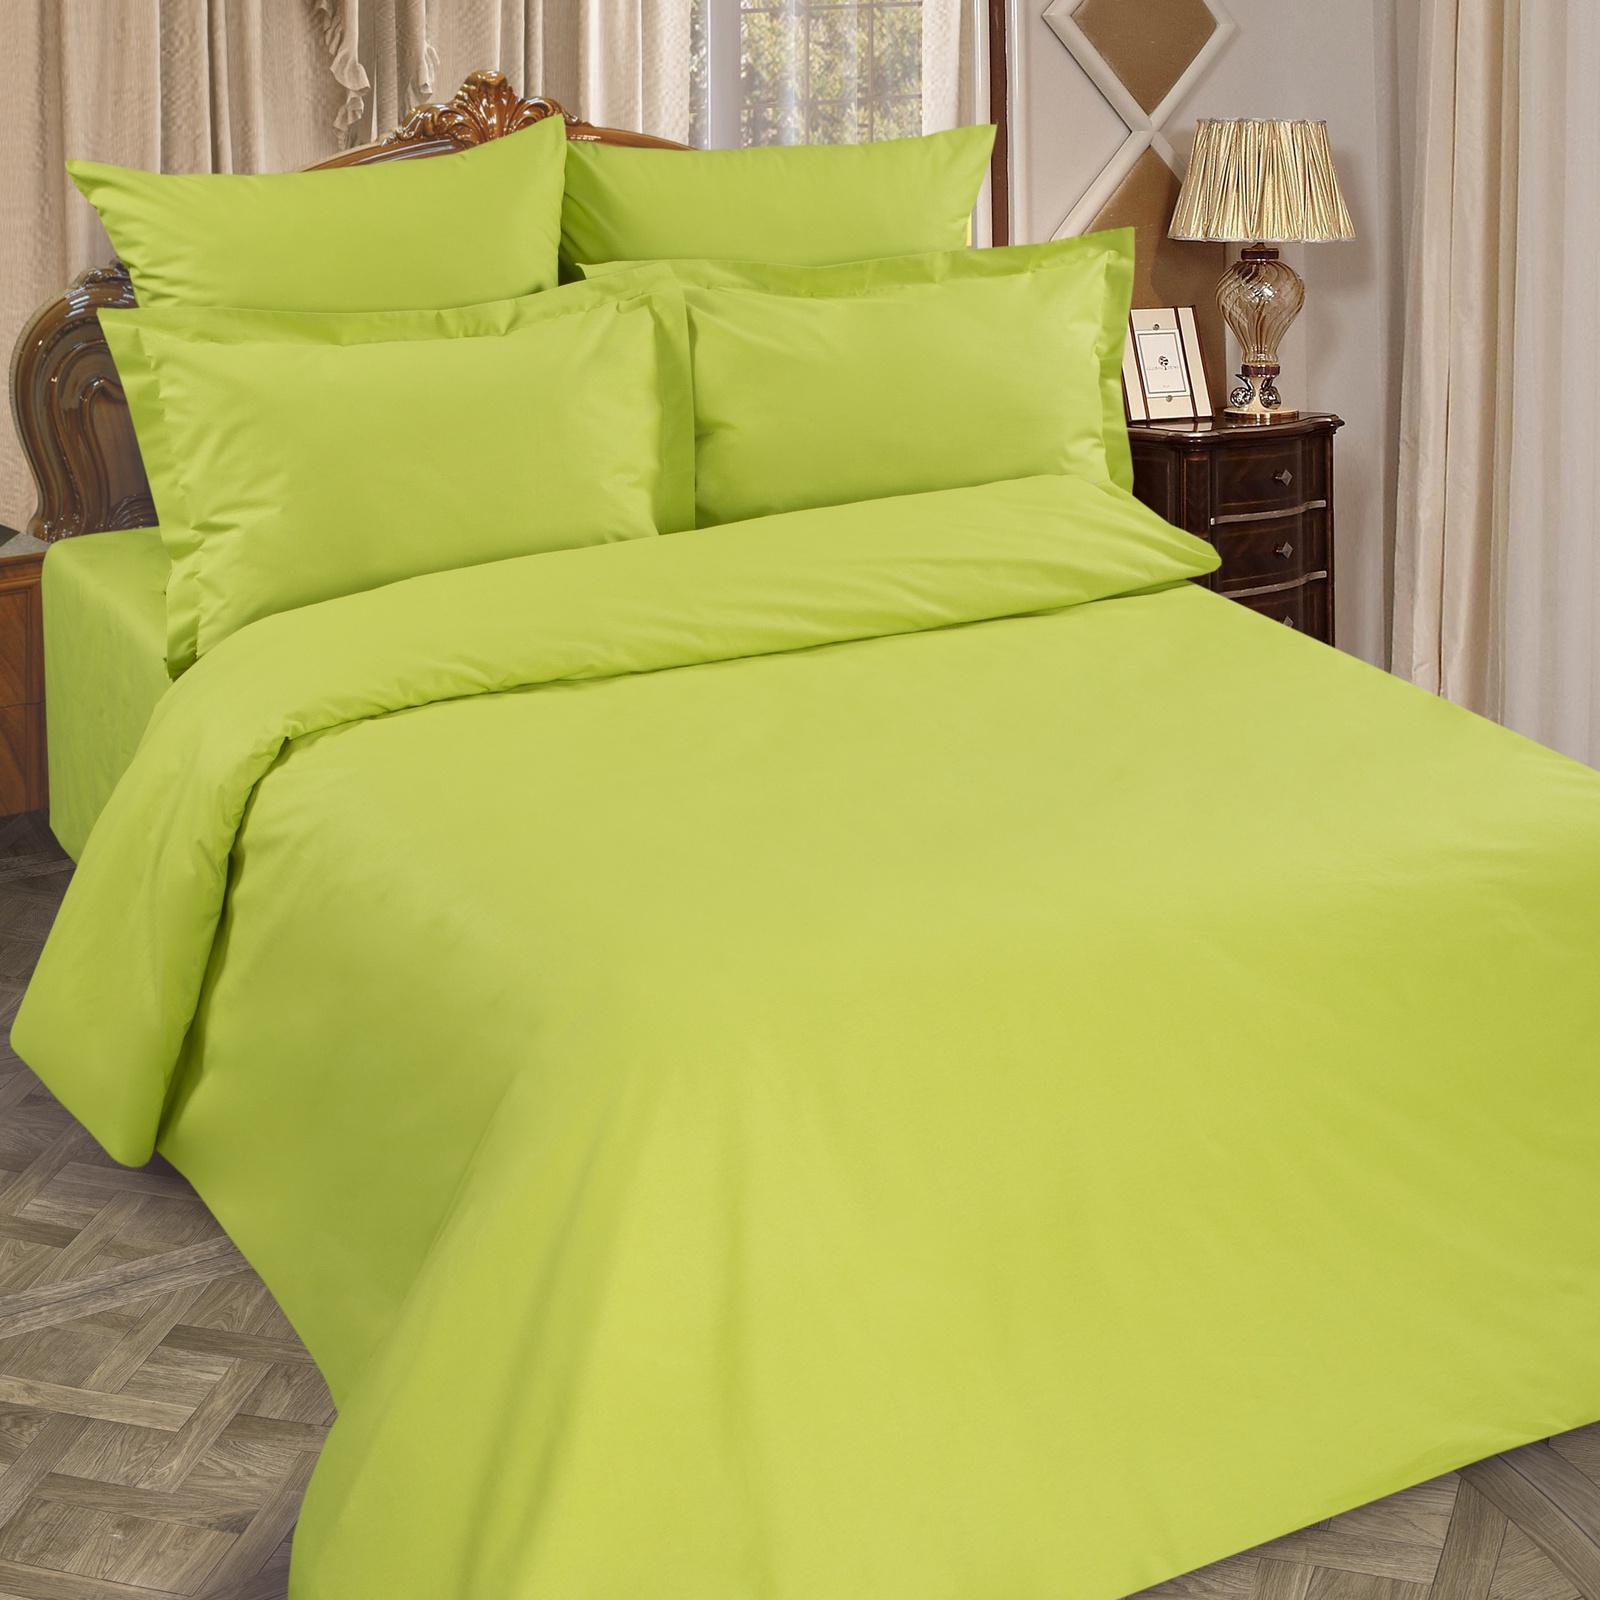 Простыня ТК Традиция Рейнбоу, для сна и отдыха 200x200 лайм